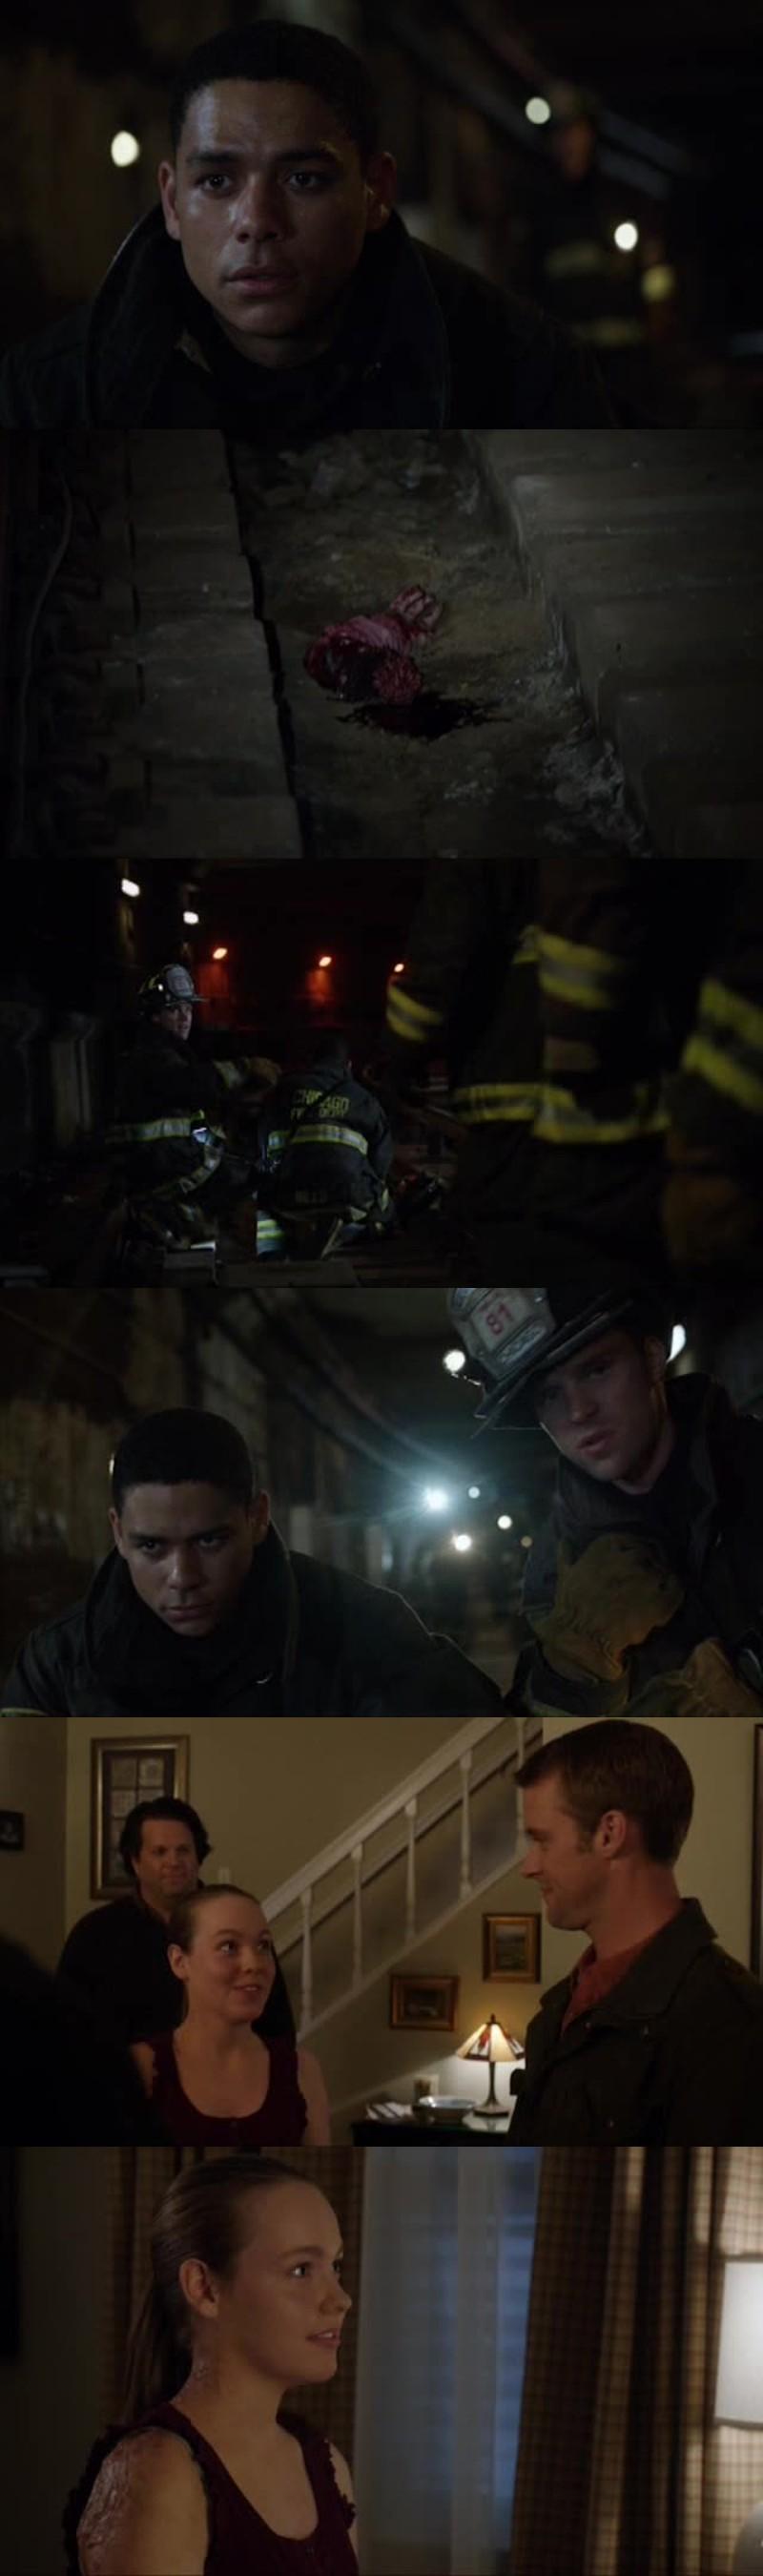 Des fois les pompiers ne peuvent rien faire mais la plupart du temps ils sauvent des gens... belle leçon